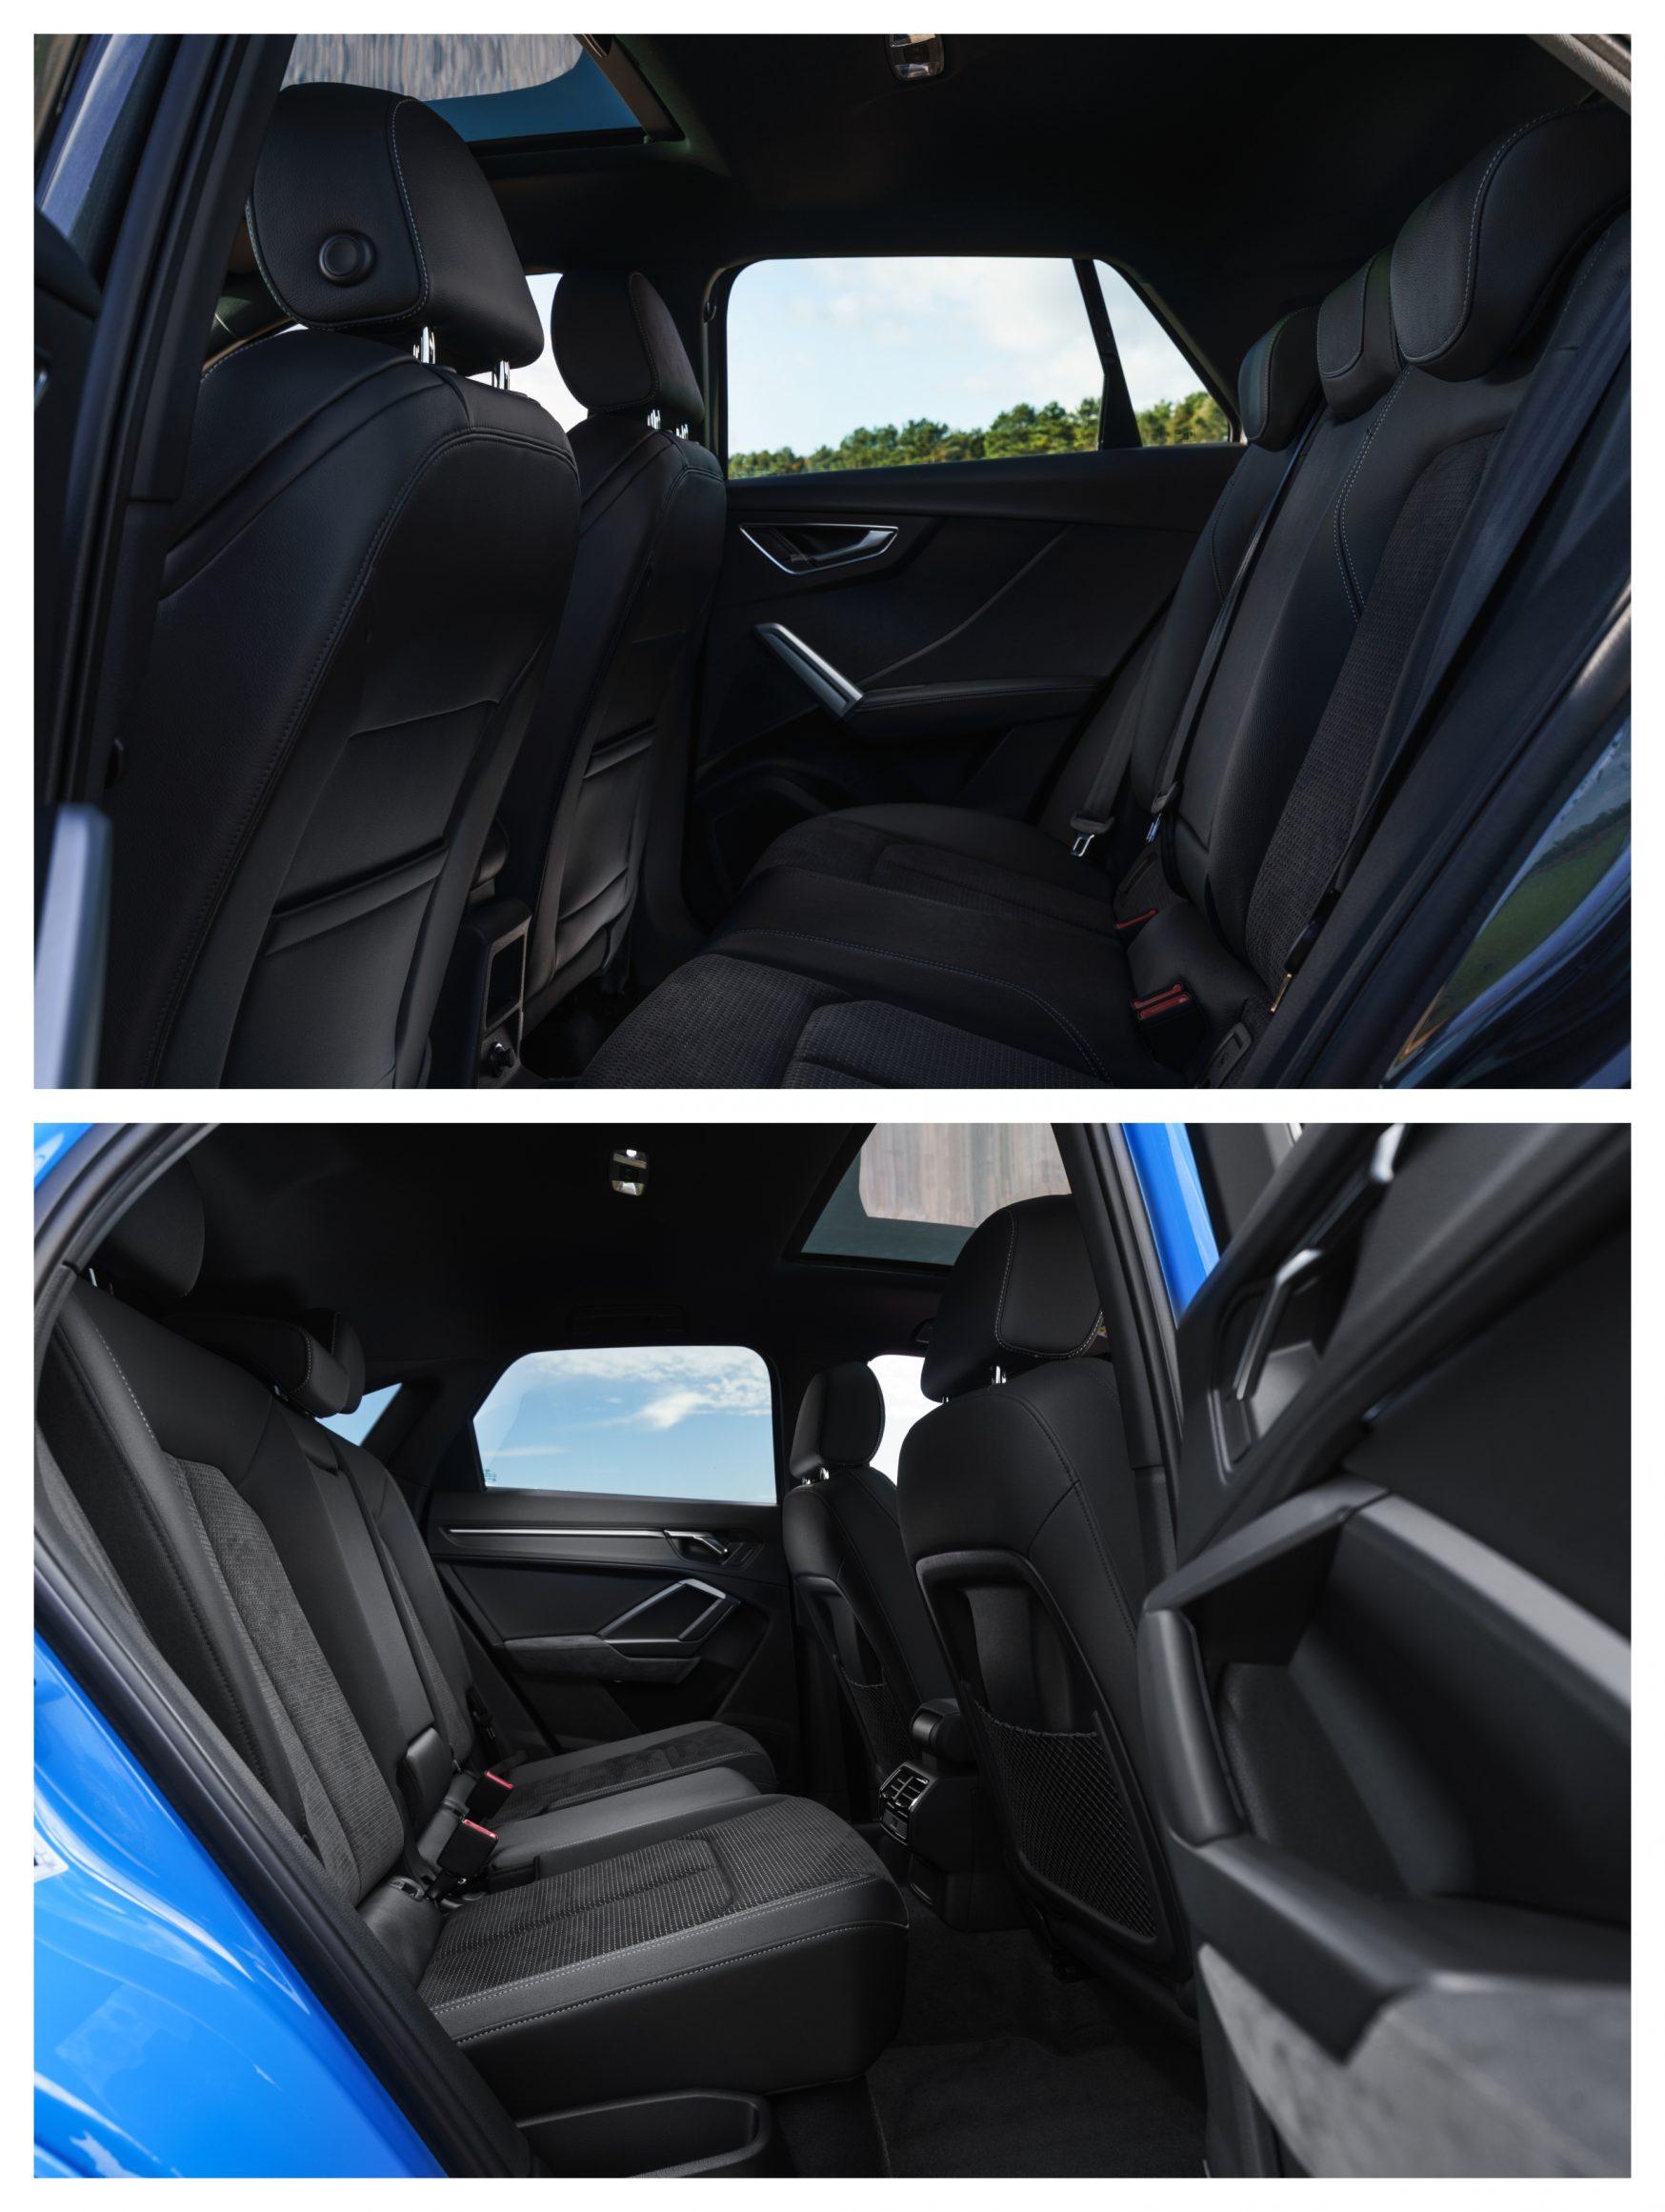 Audi Q2 Vs Audi Q3 - interior space